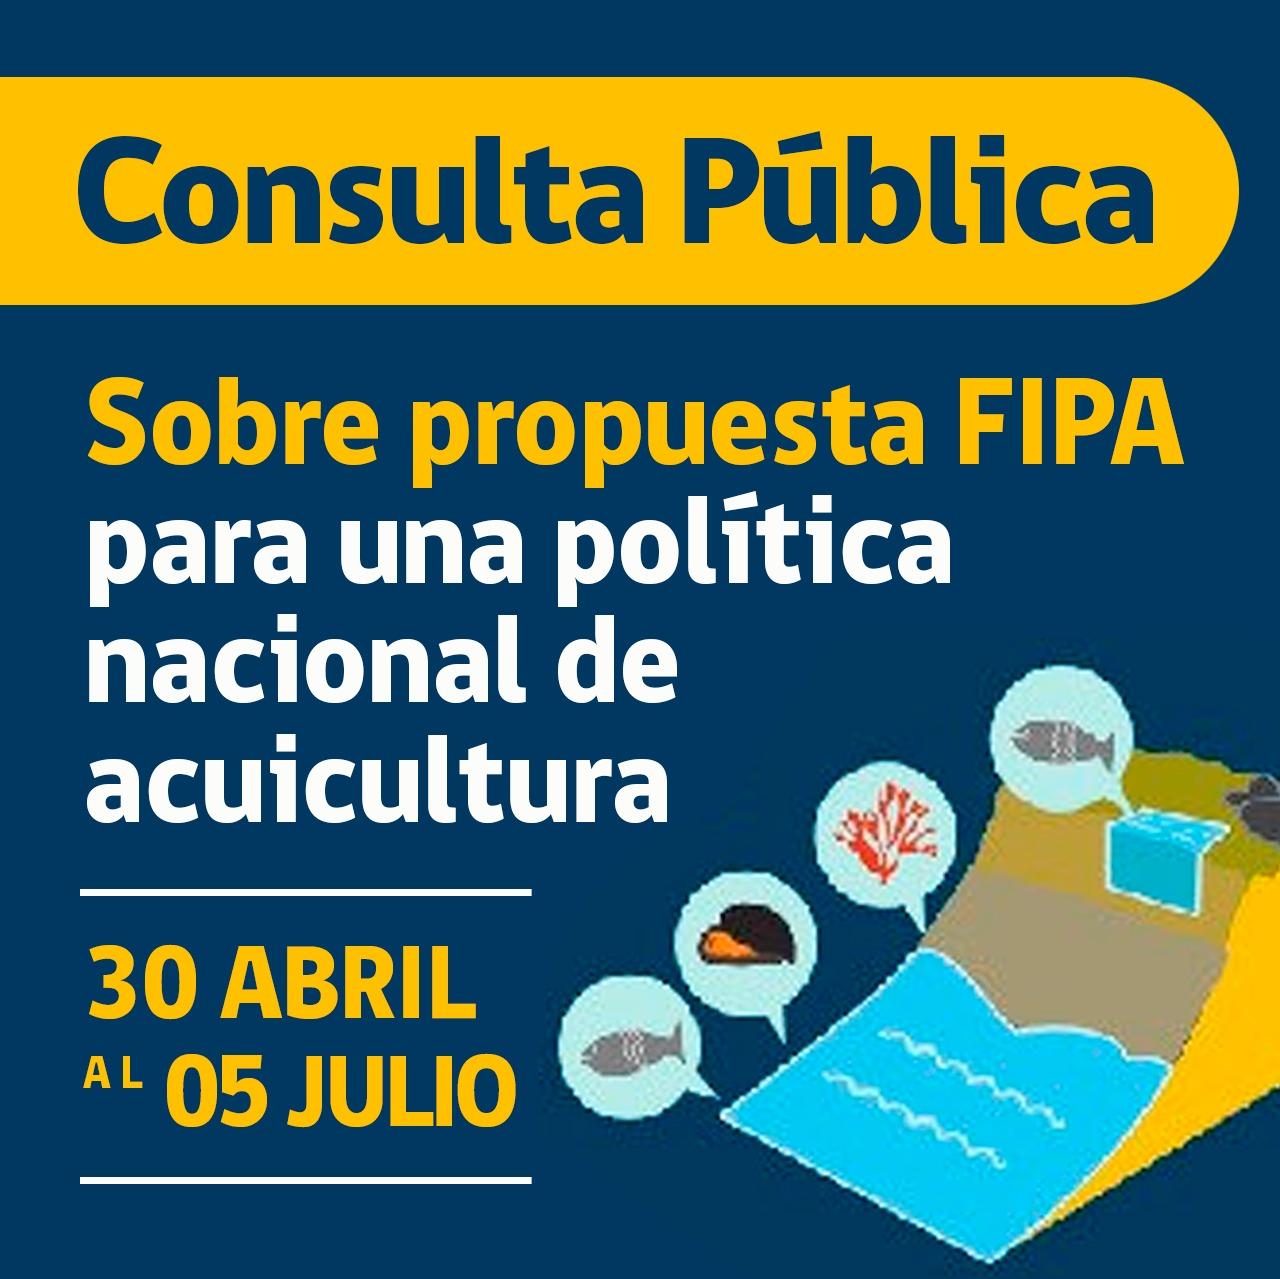 Consulta Pública Fipa